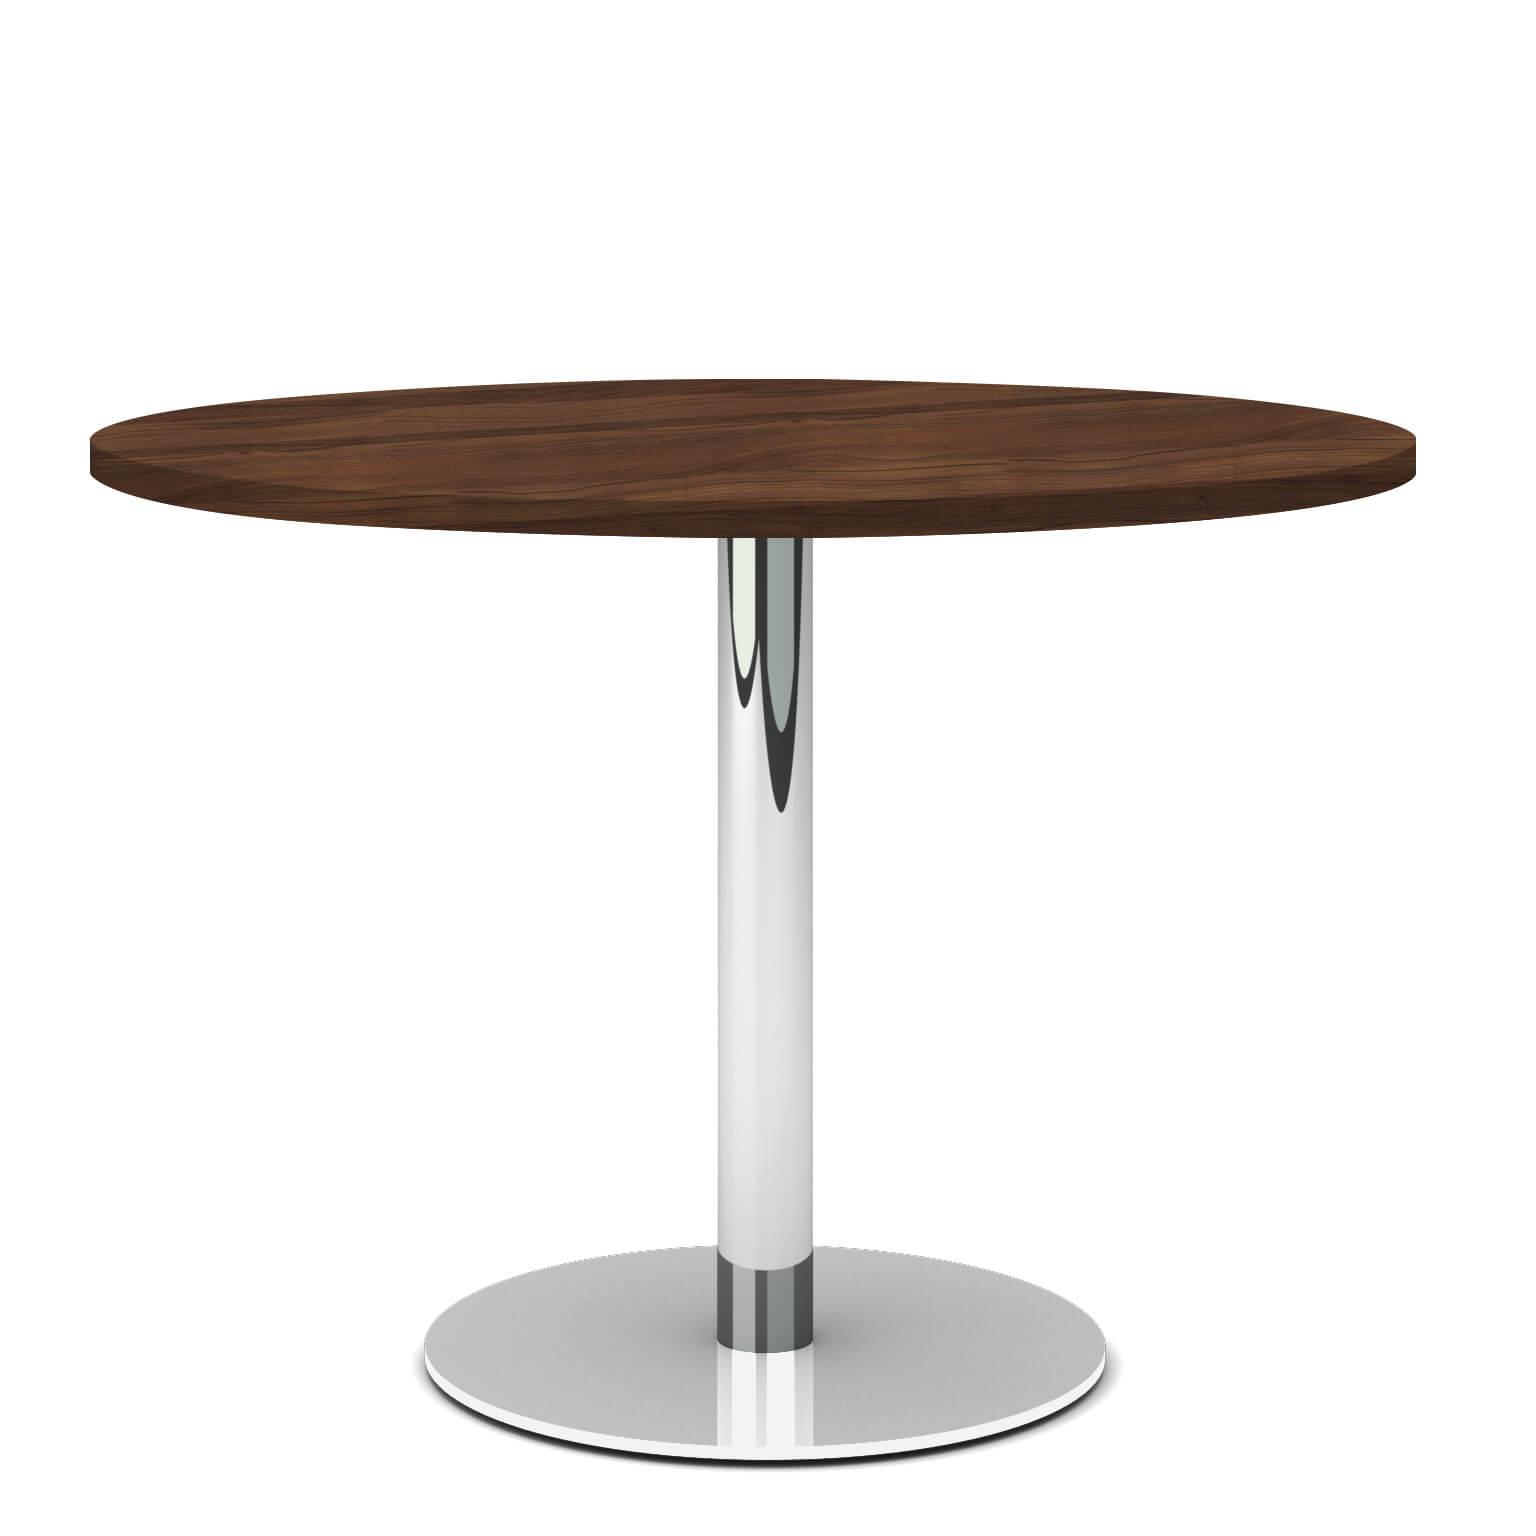 OPTIMA runder Besprechungstisch Esstisch Küchentisch Tisch Nussbaum Rund Ø 100 cm